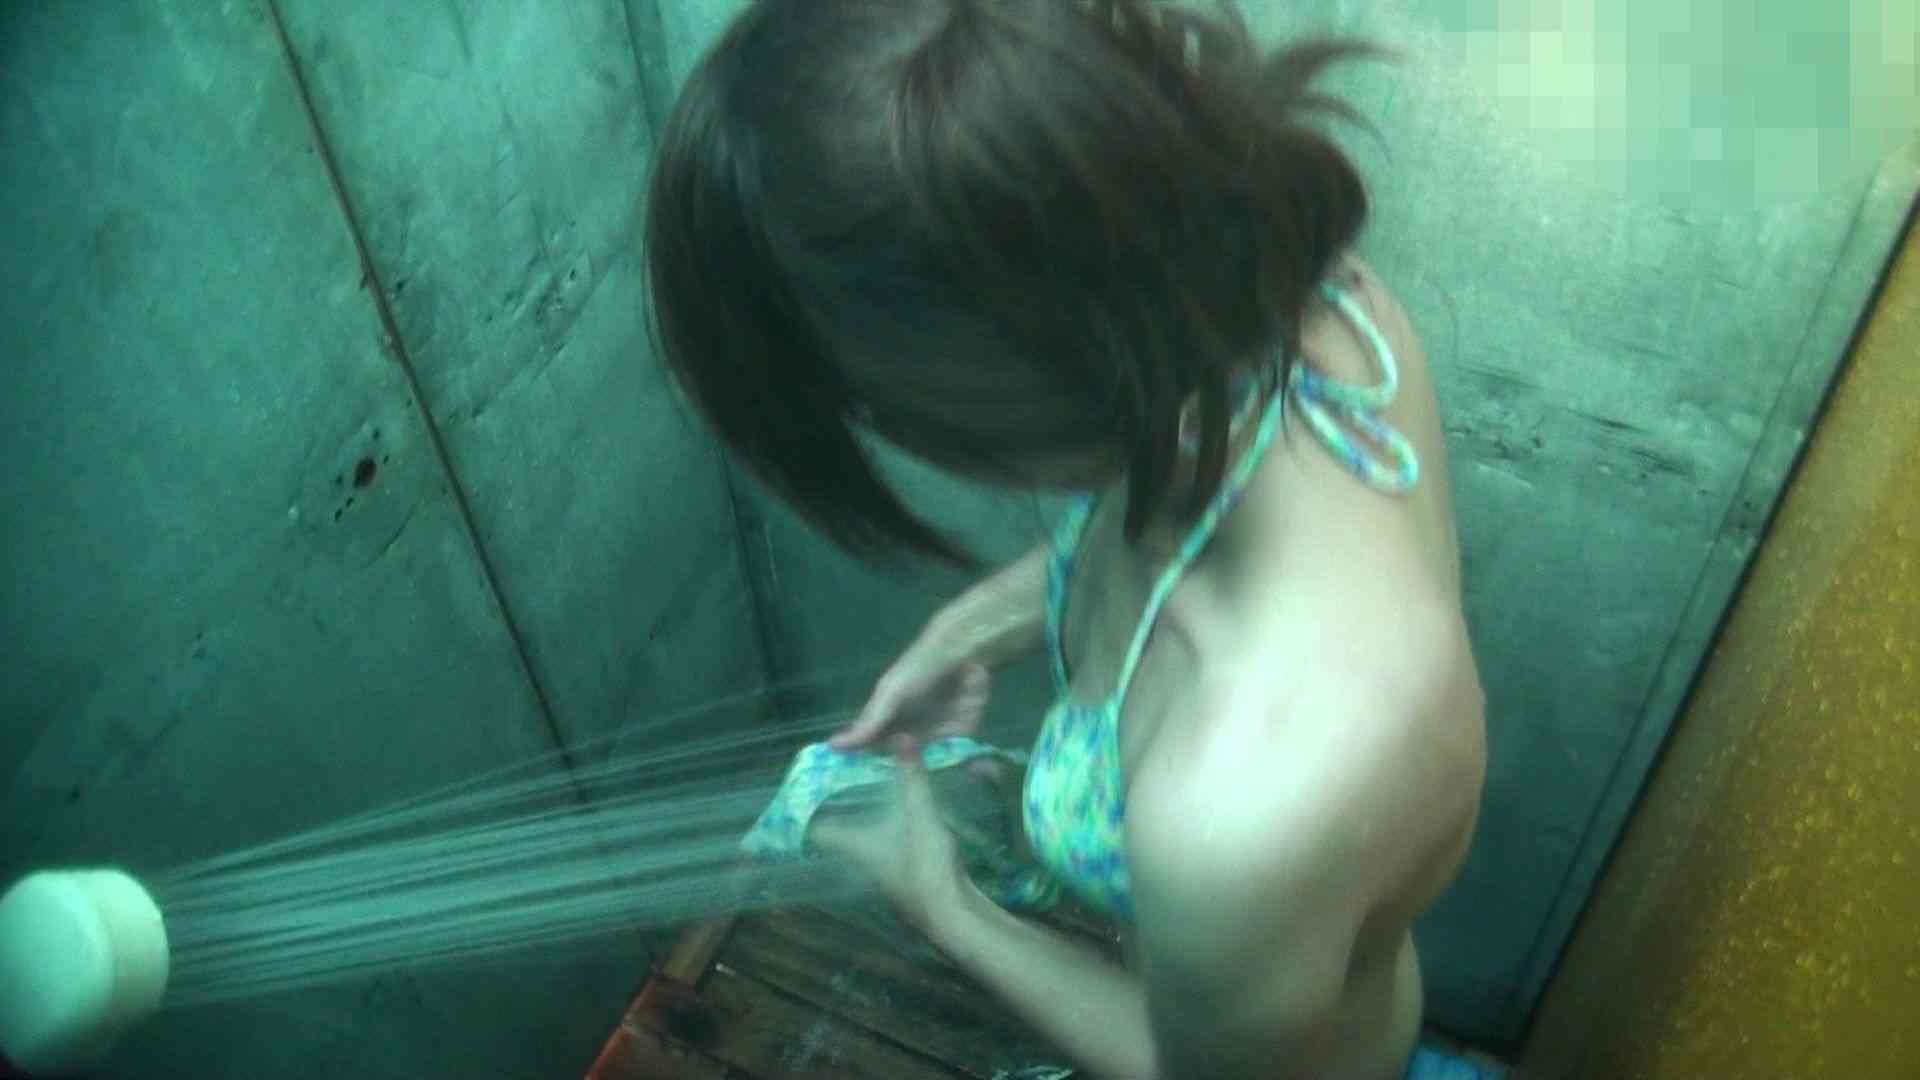 シャワールームは超!!危険な香りVol.15 残念ですが乳首未確認 マンコの砂は入念に 高画質  70pic 50